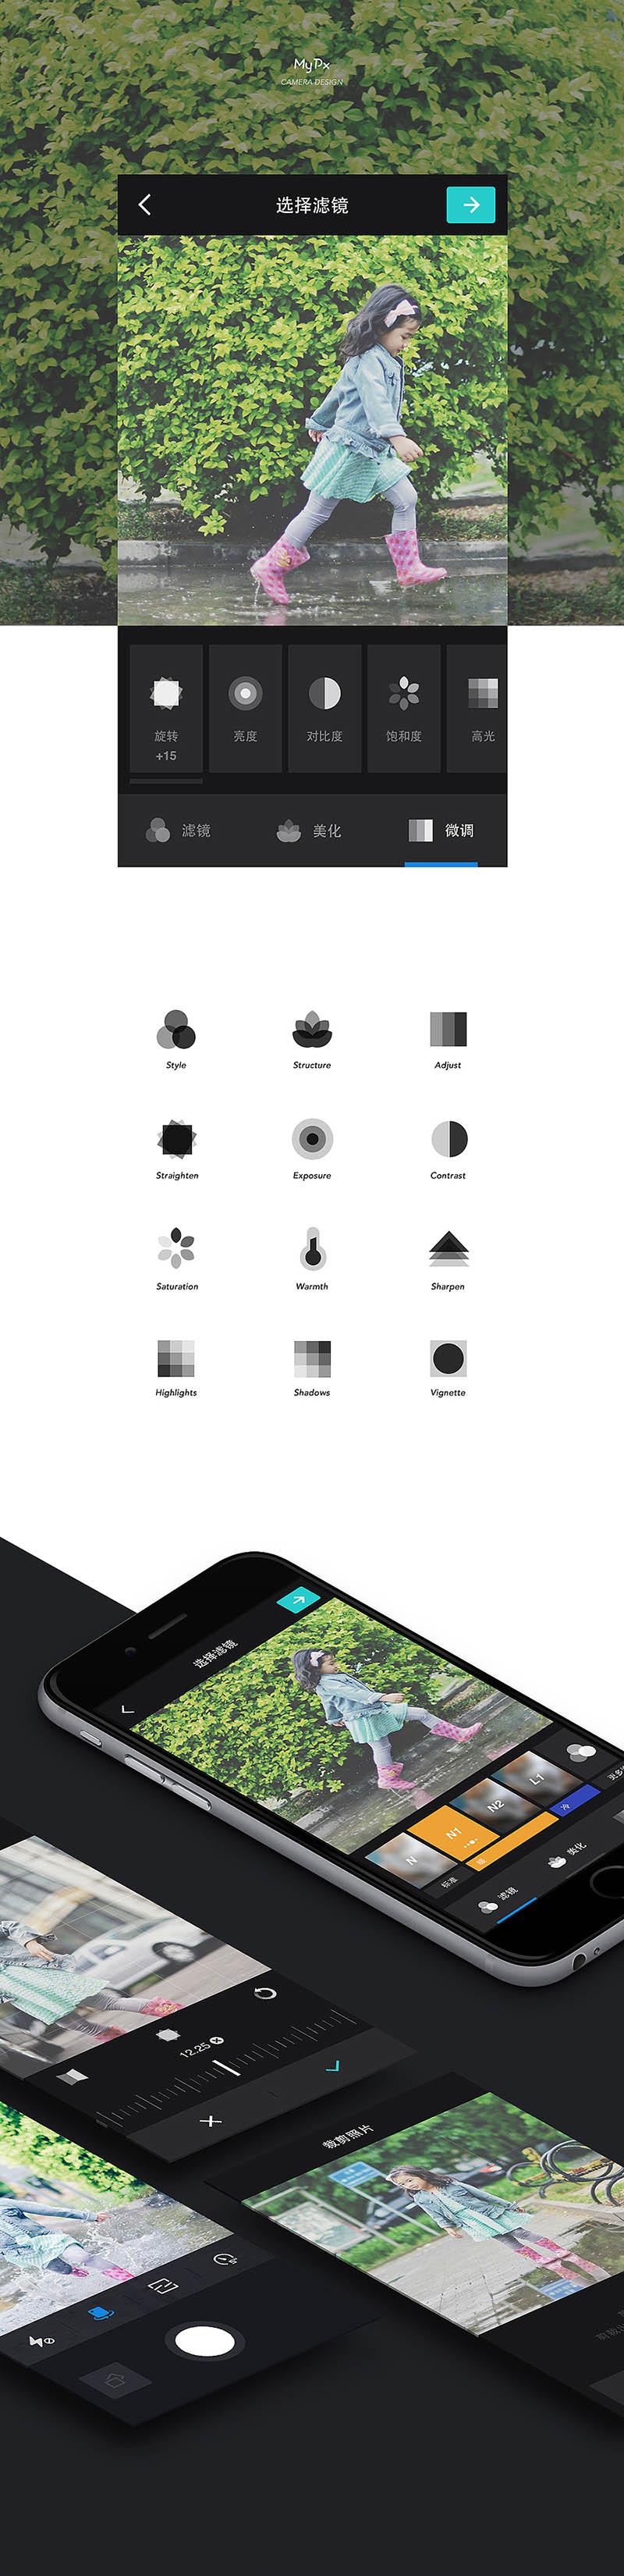 友拍app设计图1